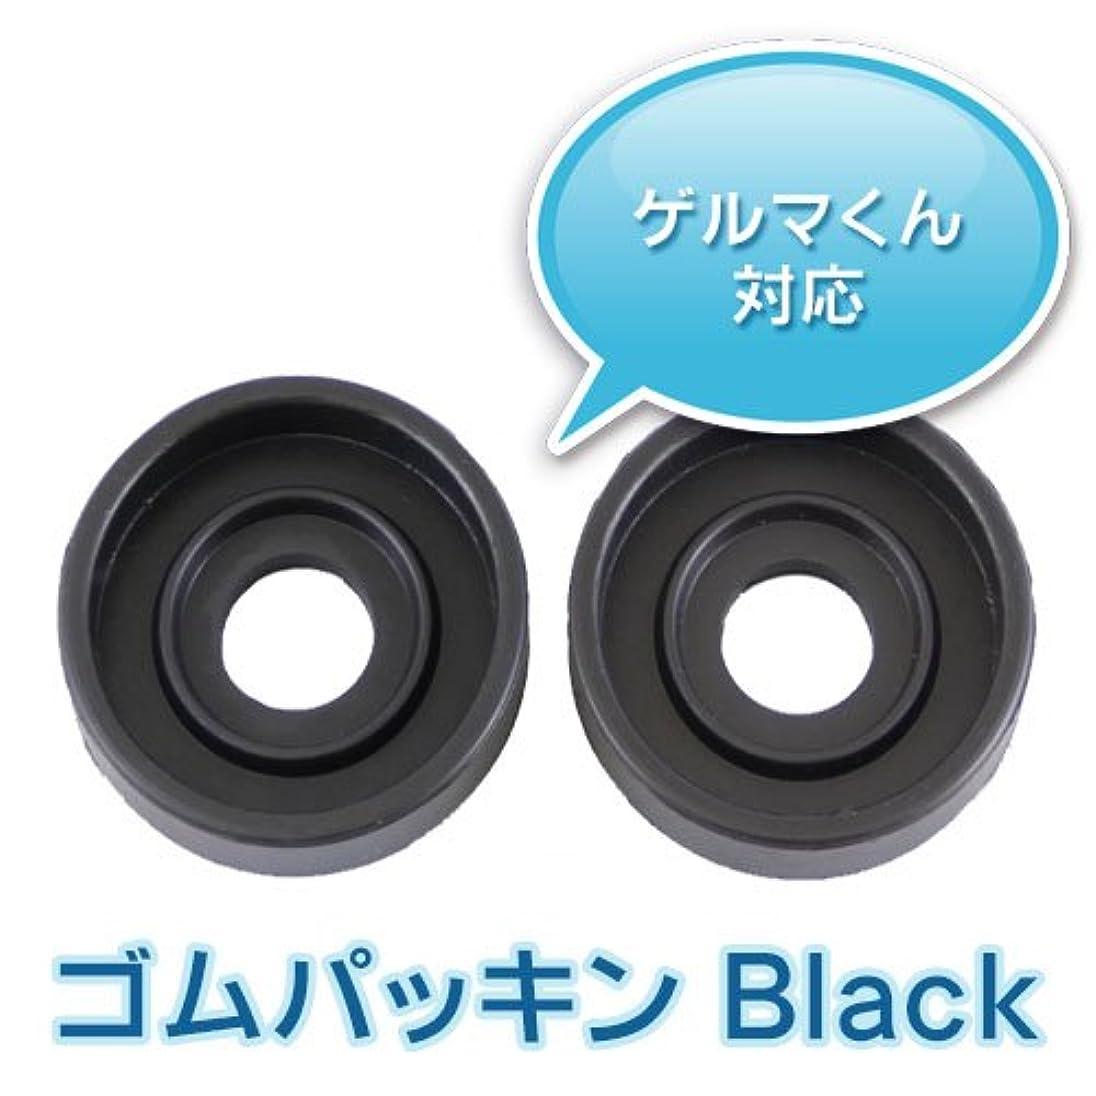 前奏曲銃従事するゲルマ温浴器専用ゴムパッキン2個(黒)「ゲルマくん」対応